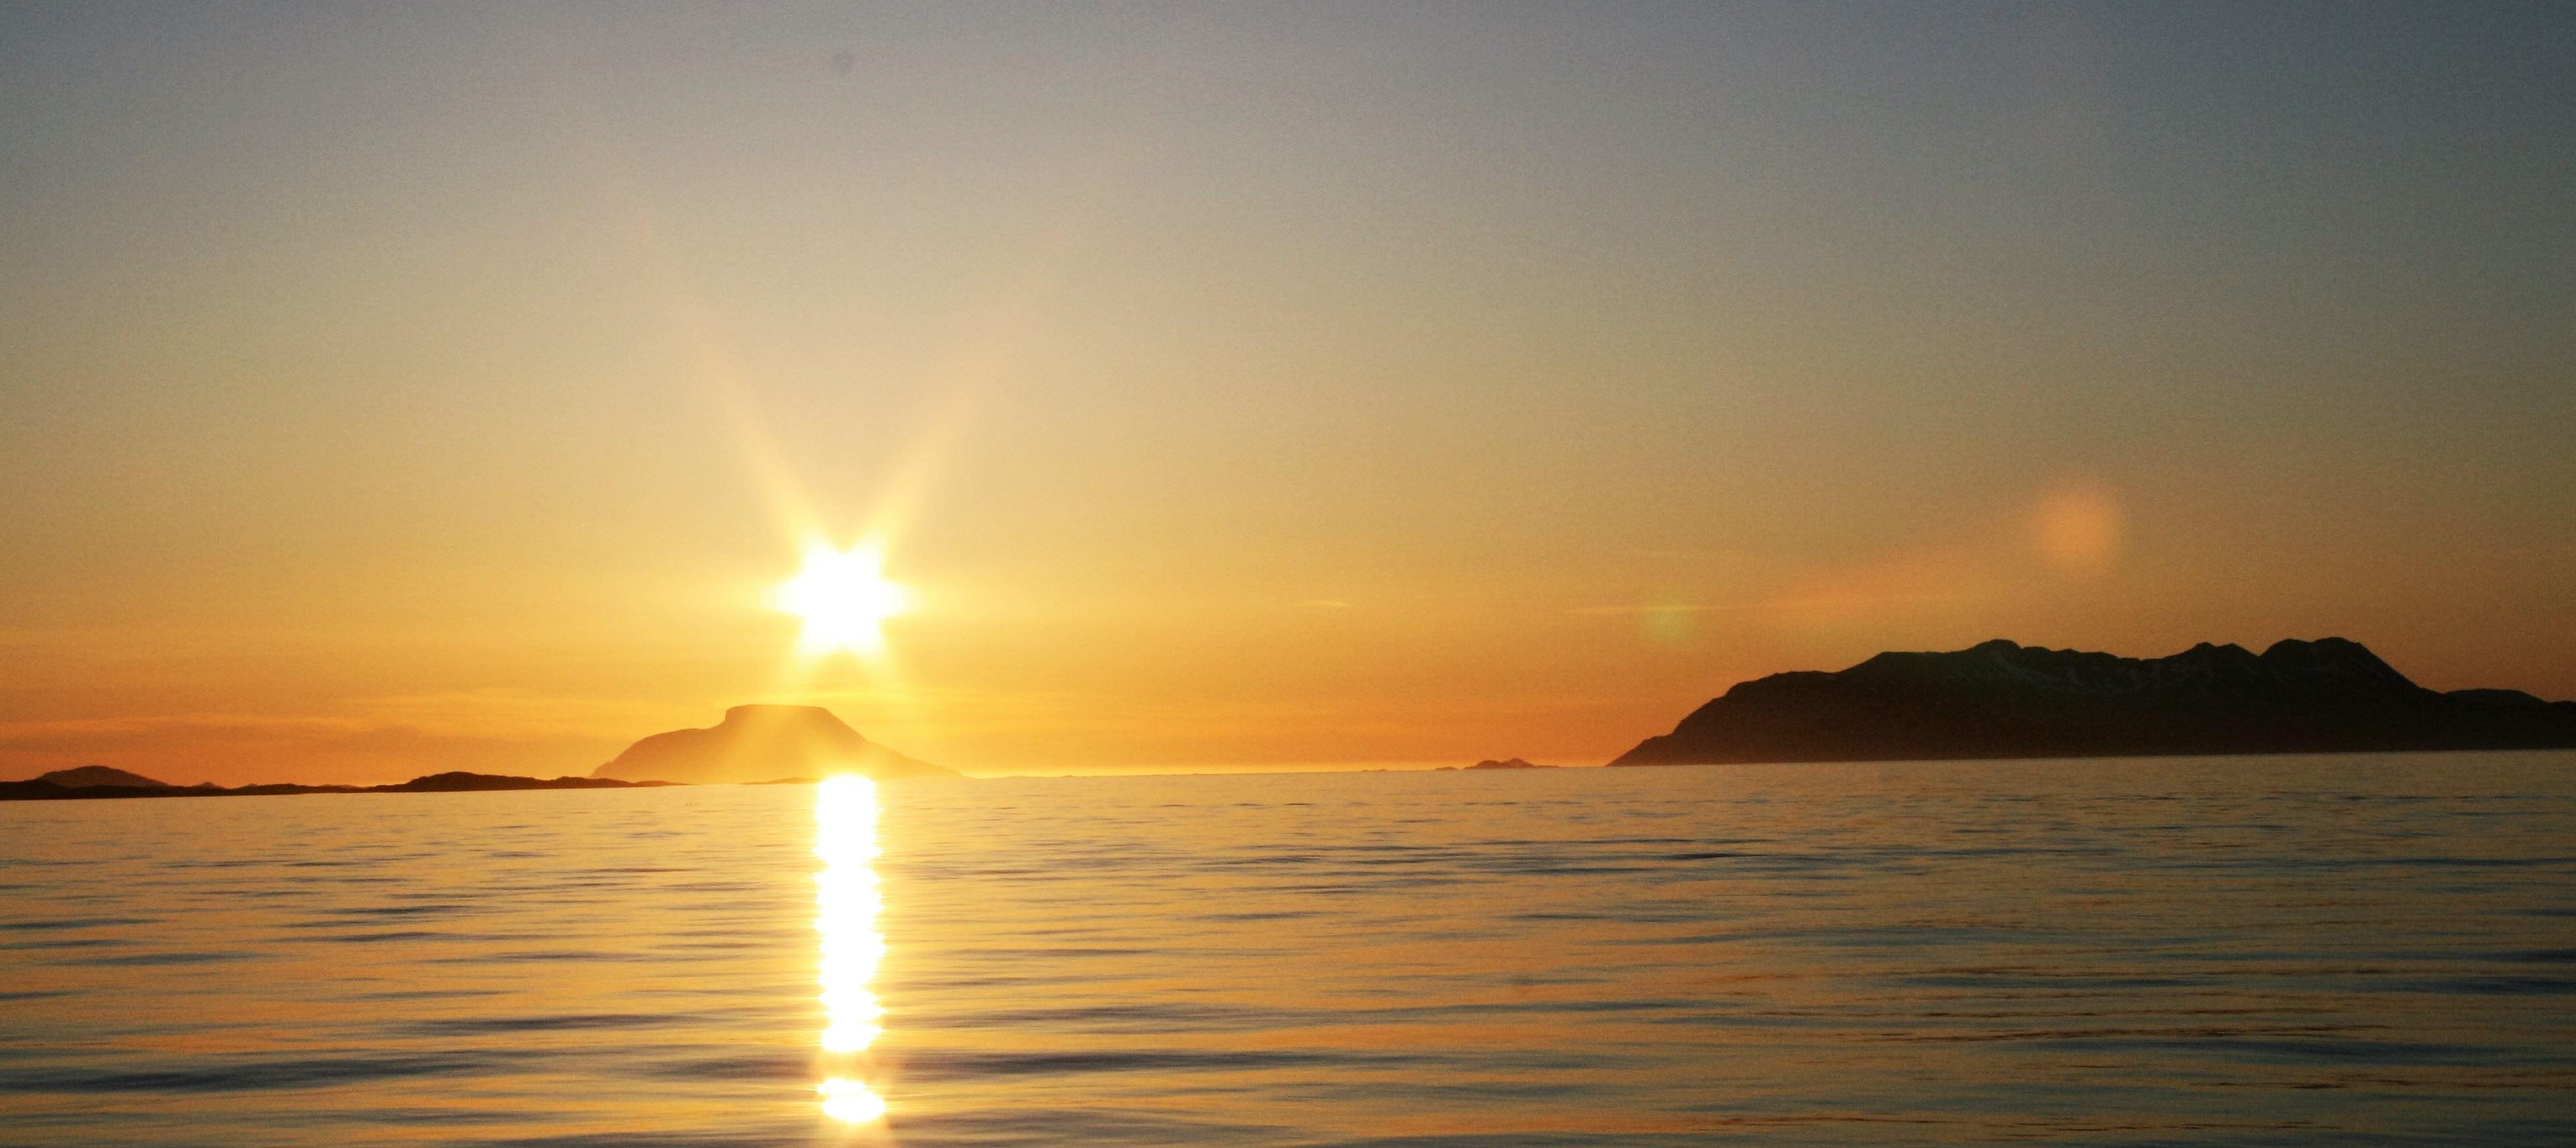 Opplev midnattssolen i den arktiske sommeren - Norfishinfo